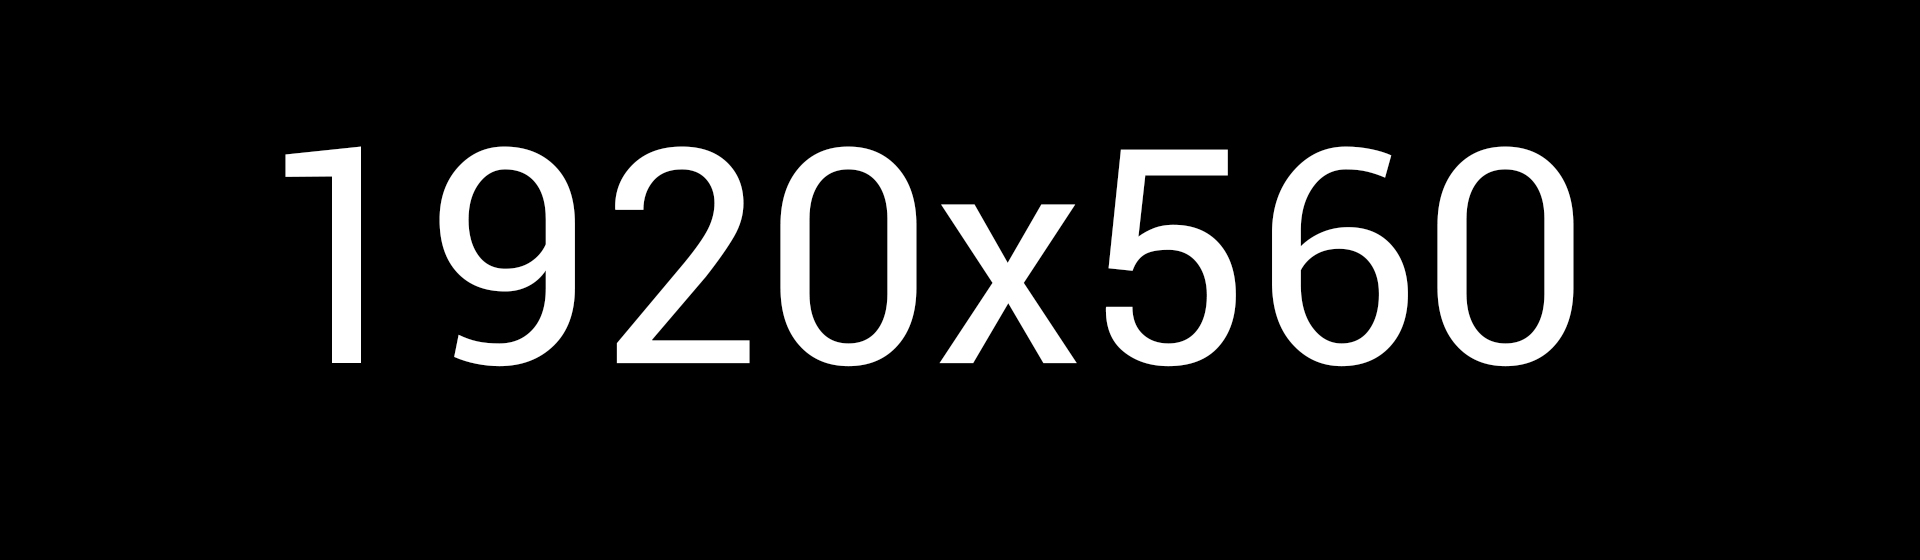 1920x560 | Uniandes